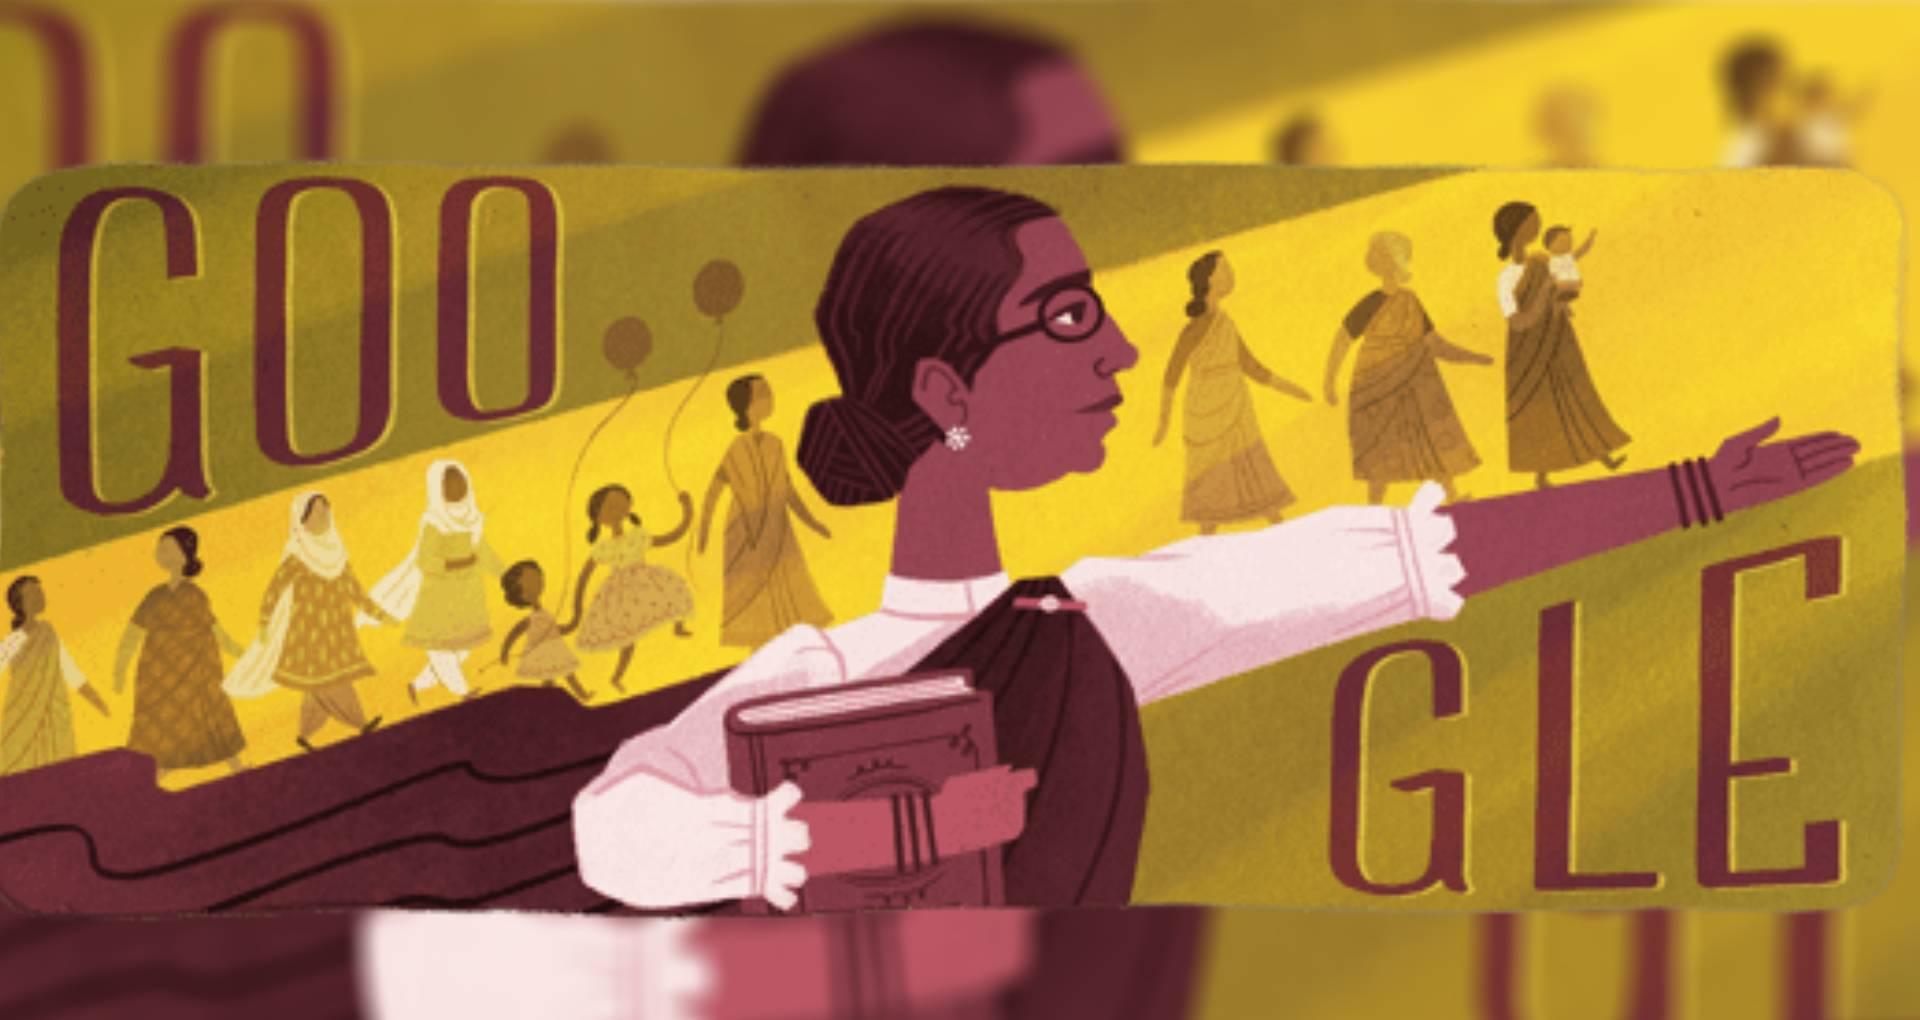 Google Doodle: देश की पहली महिला विधायक डॉ. मुथुलक्ष्मी रेड्डी का गूगल ने बनाया डूडल, समाज के लिए किया ये काम